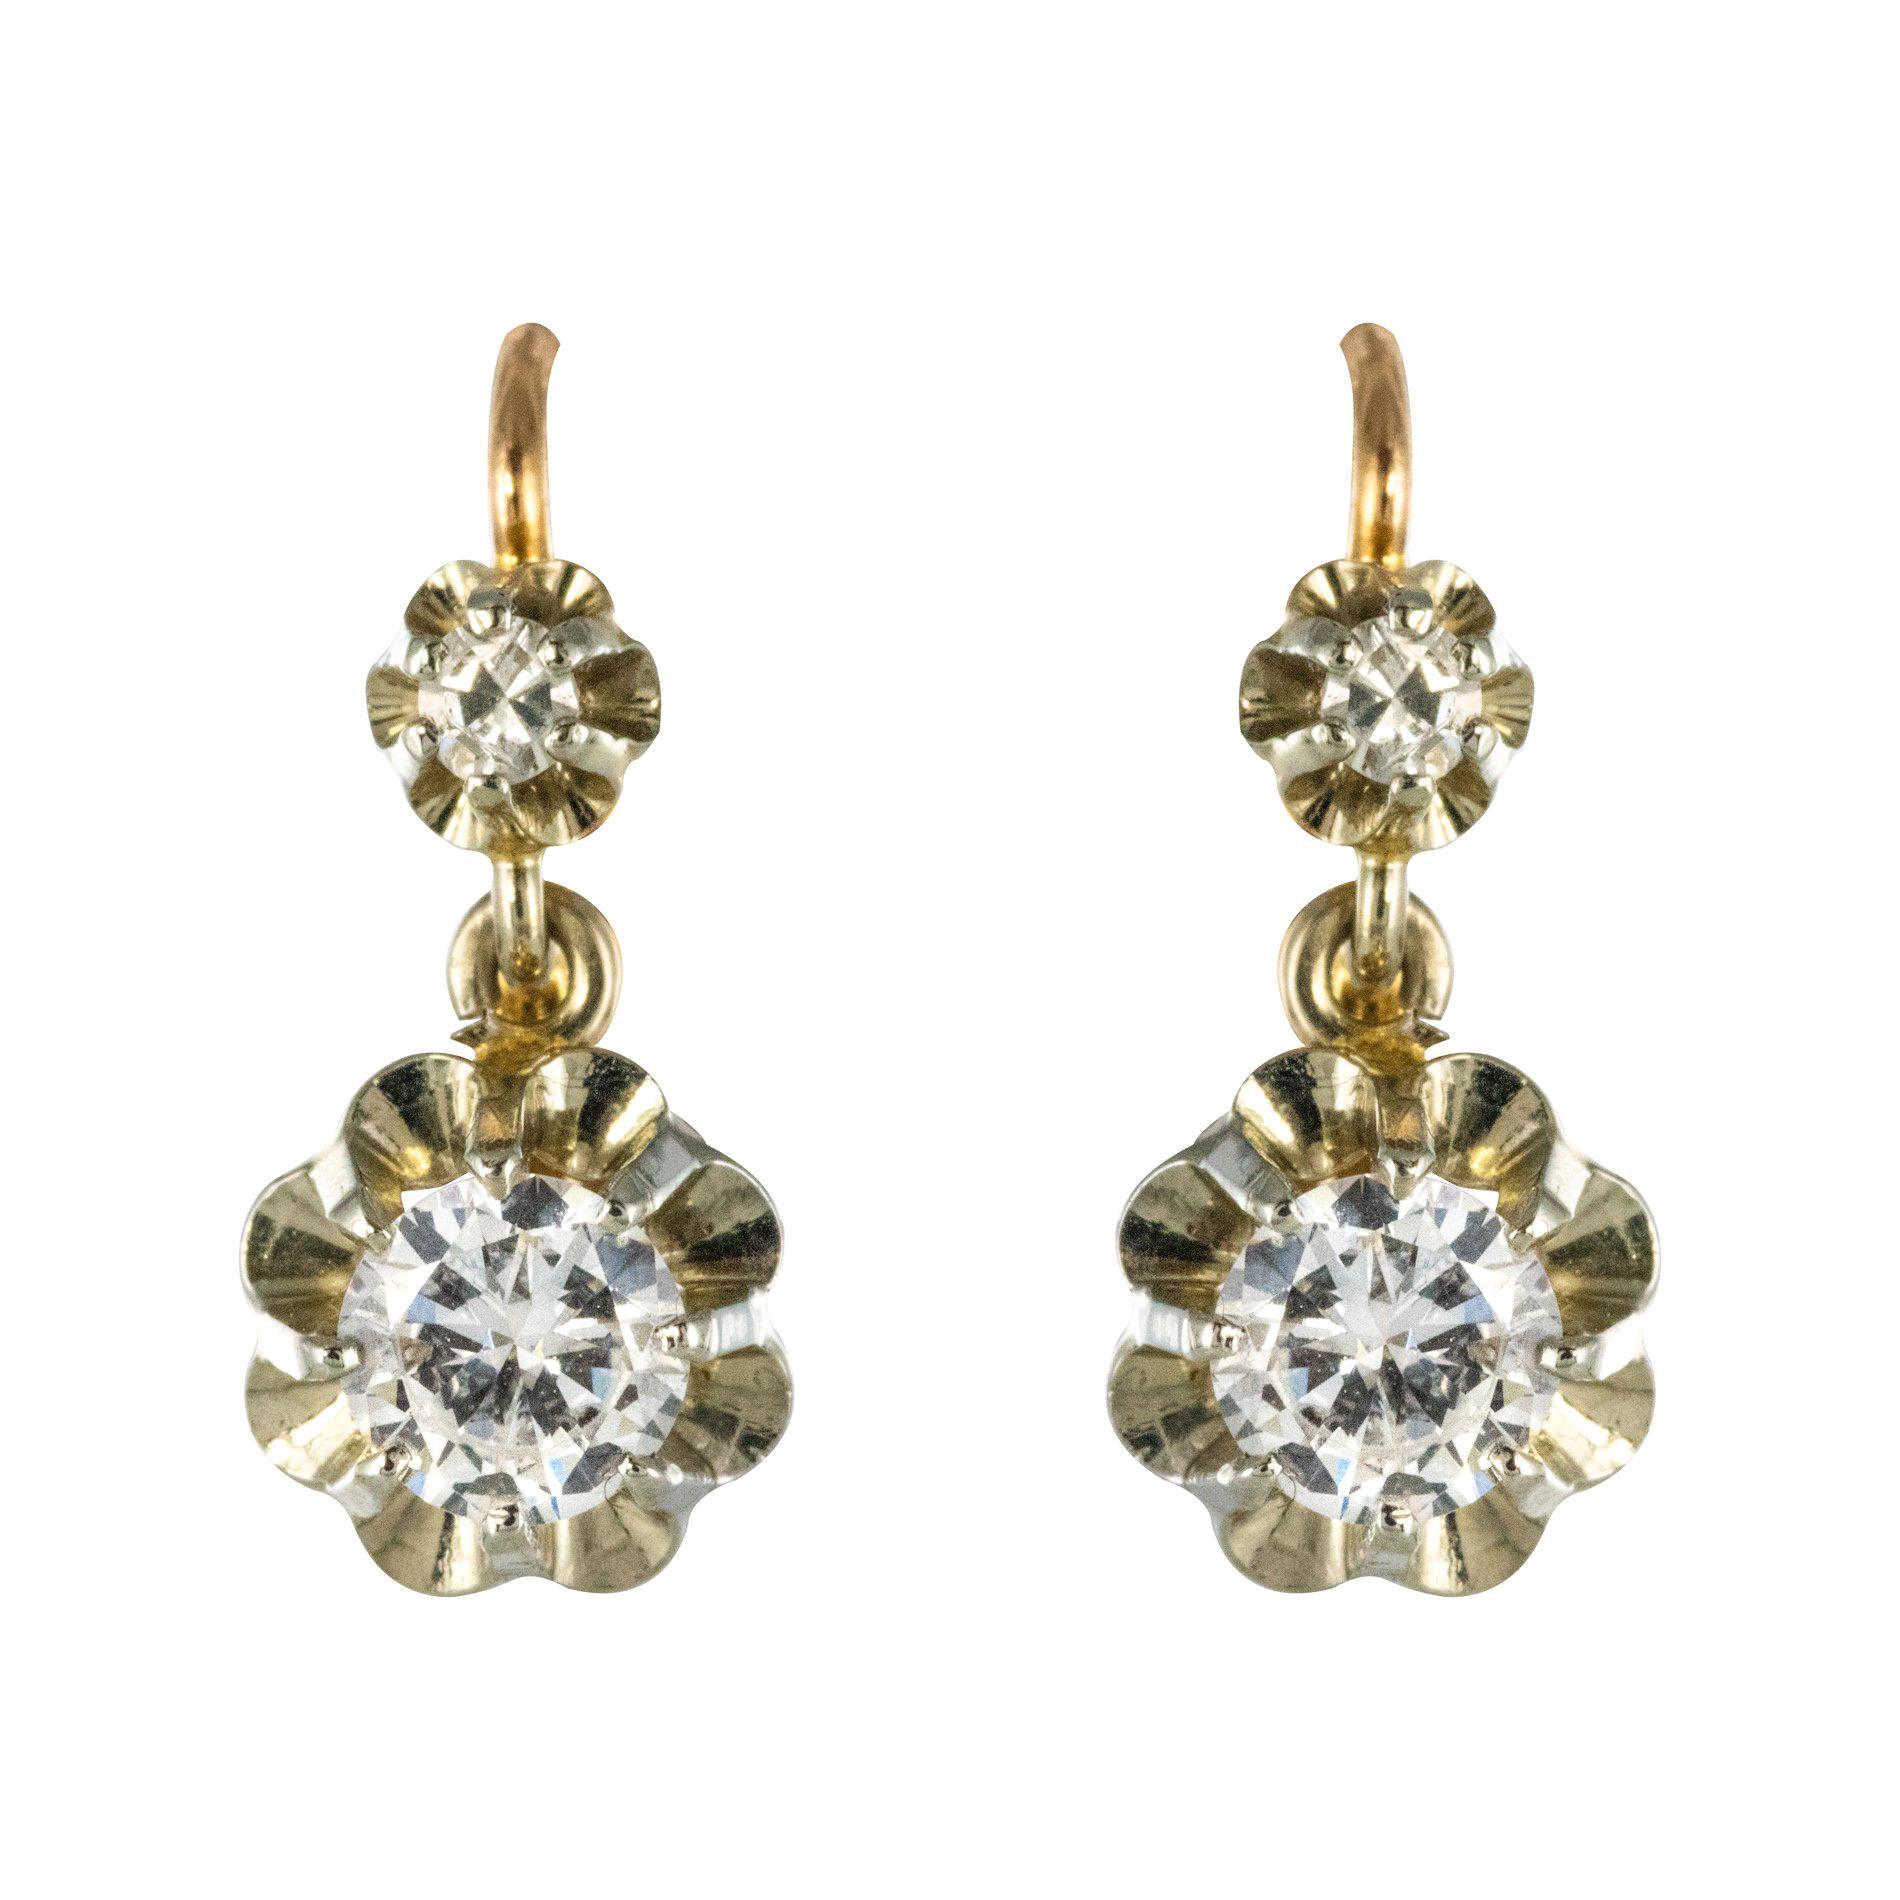 1930s Diamonds 18 Karat Rose White Gold Lever- Back Earrings